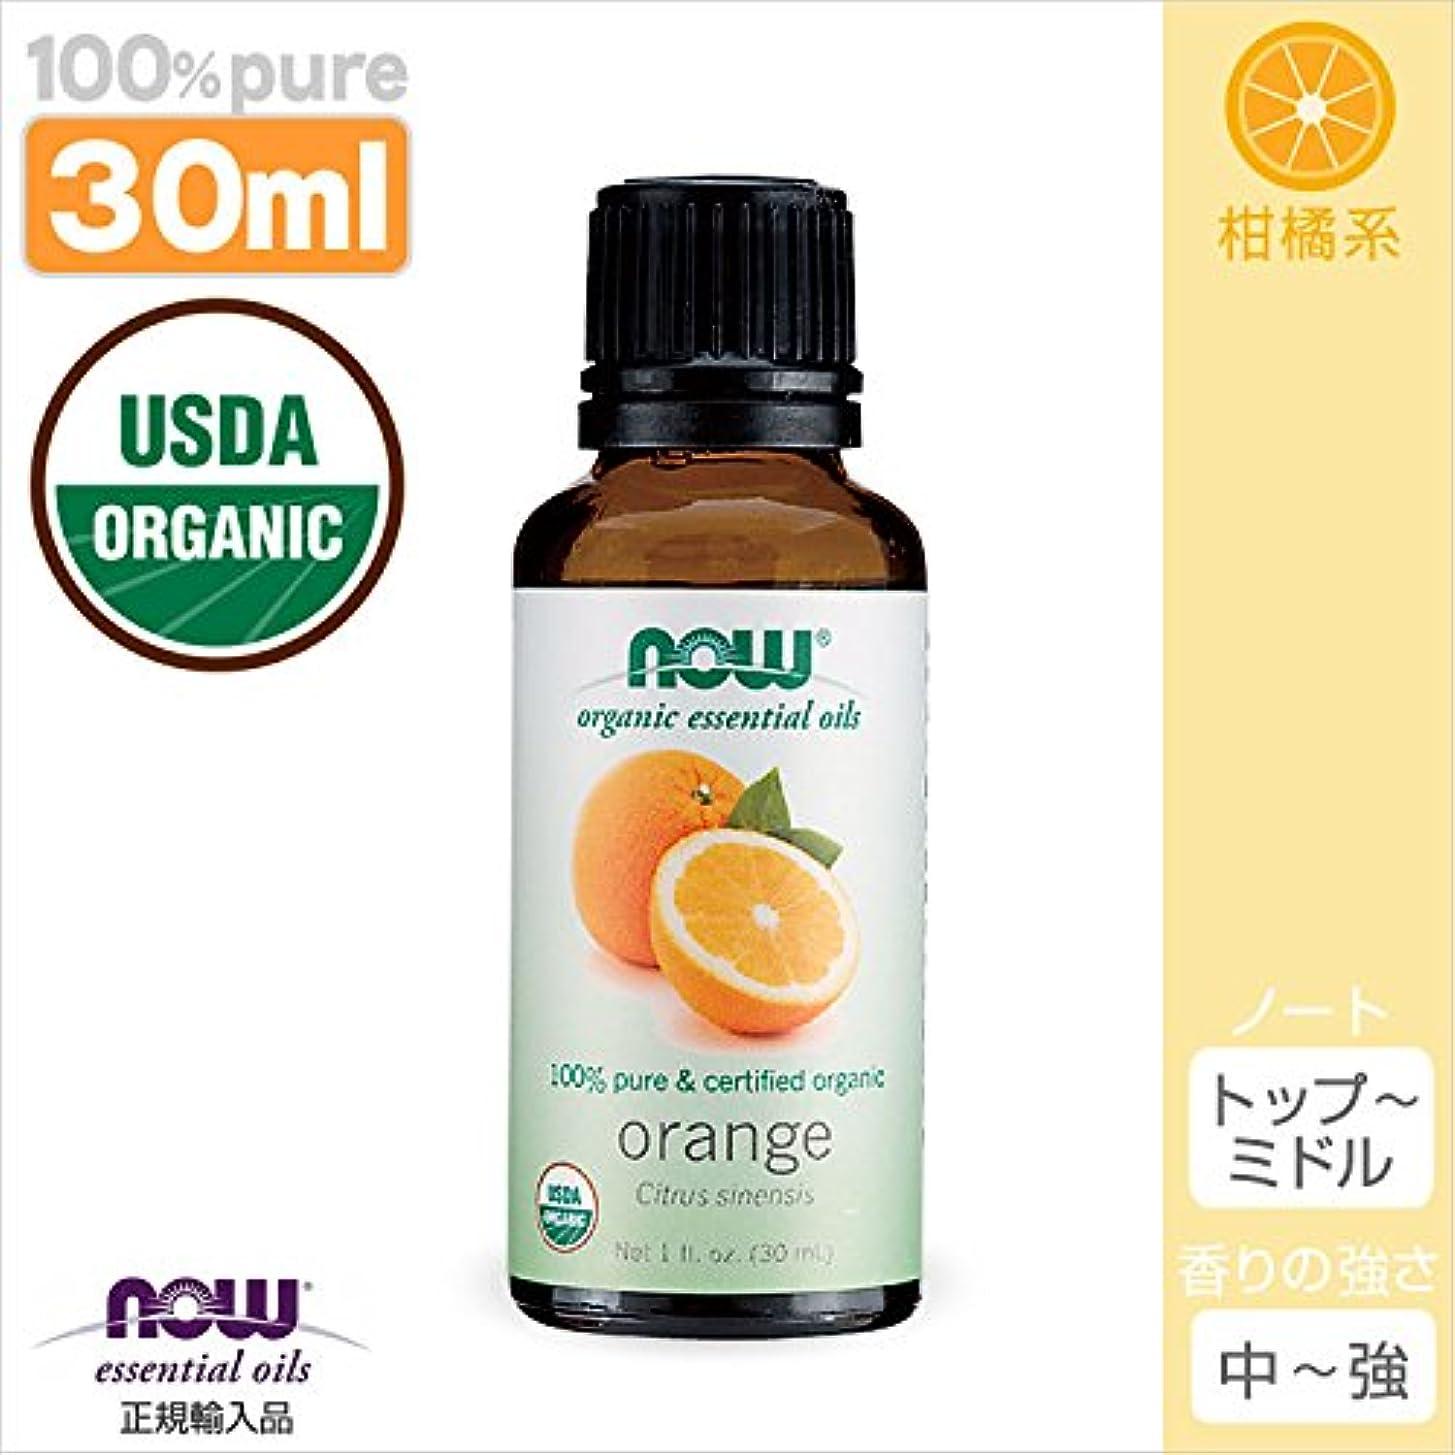 病的無謀居眠りするオレンジ精油オーガニック[30ml] 【正規輸入品】 NOWエッセンシャルオイル(アロマオイル)